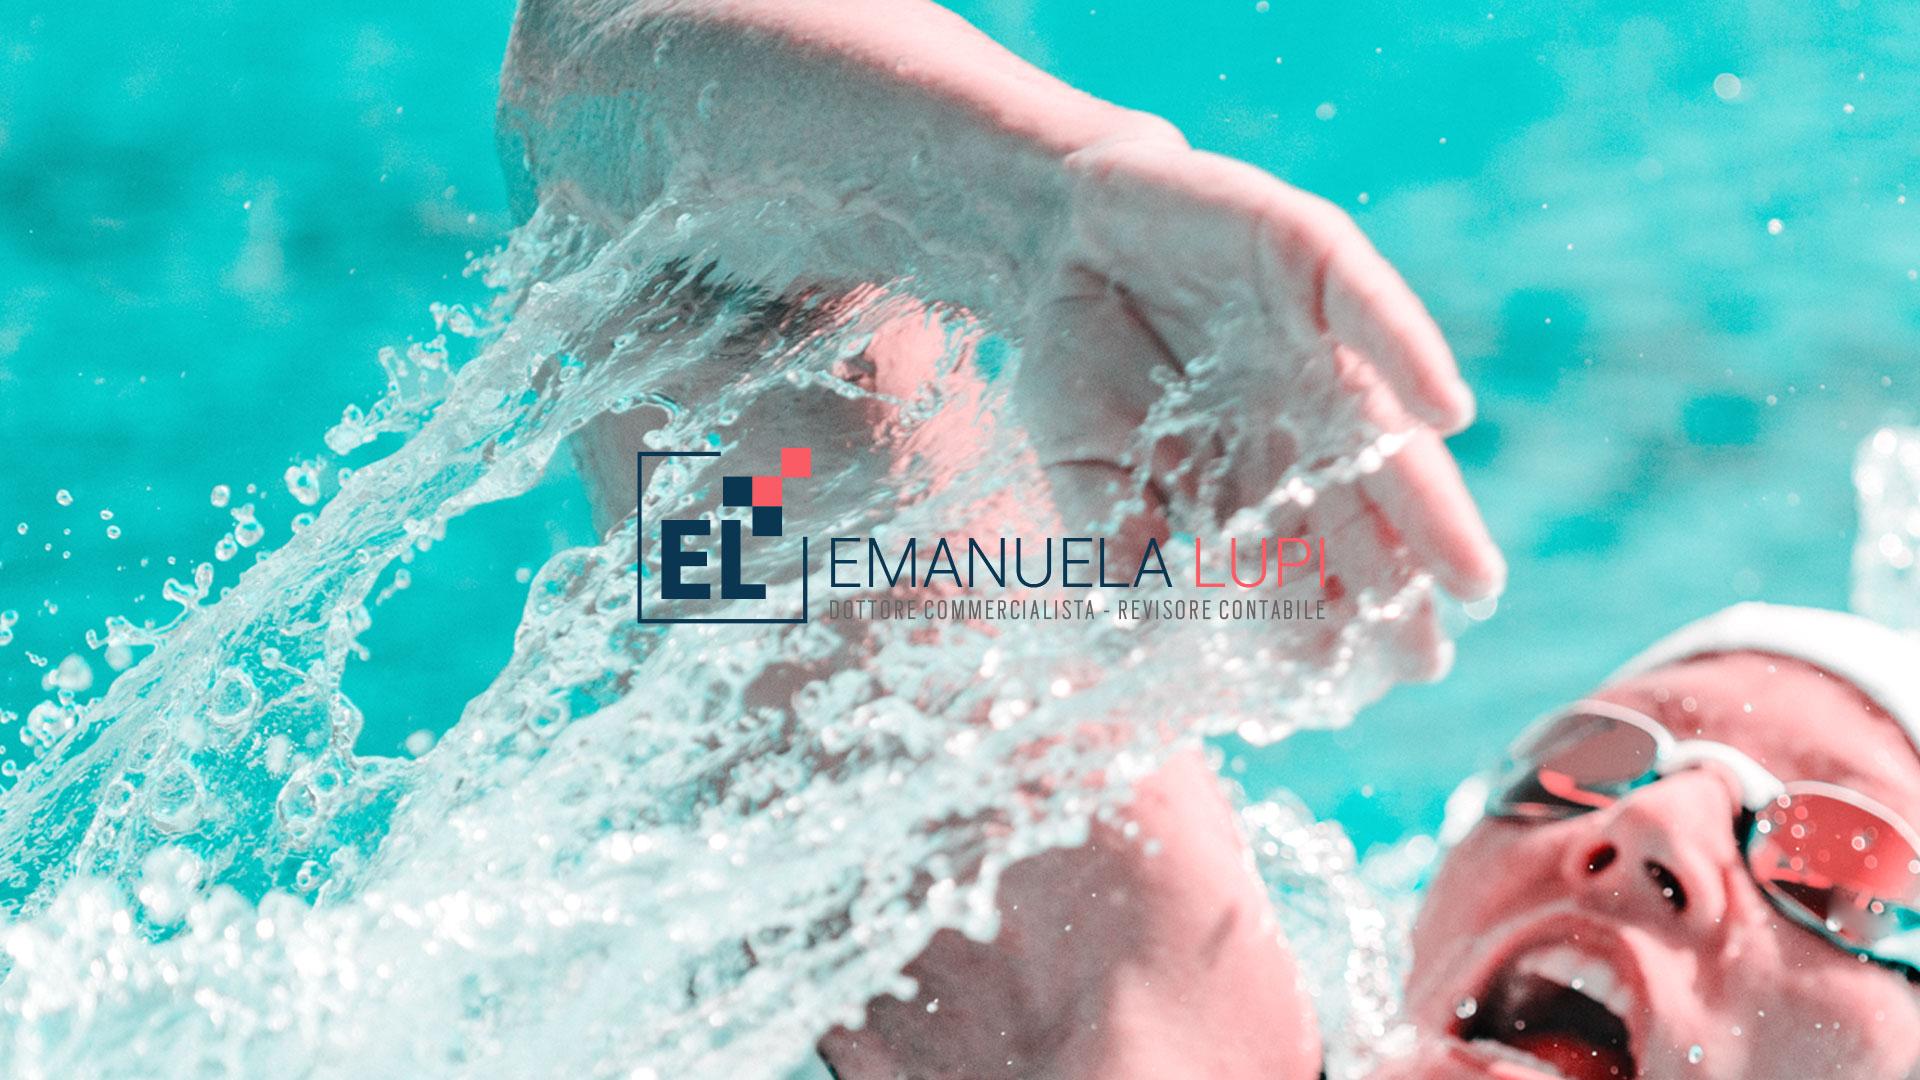 Commercialista Emanuela Lupi - Branding e immagine coordinata Bologna